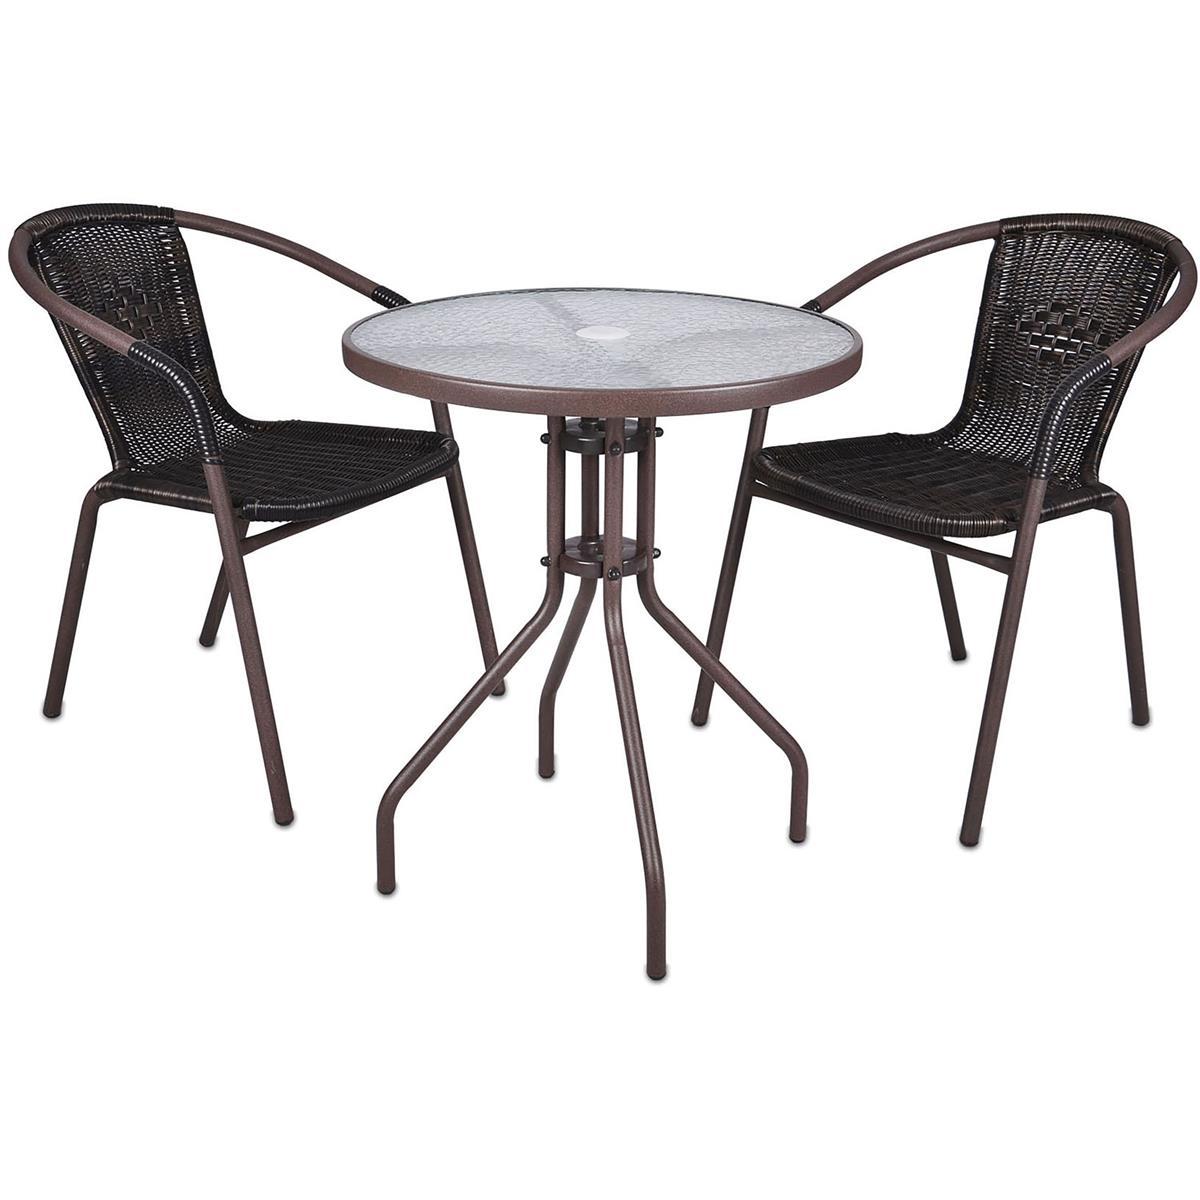 Bistroset Balkonset braun Sitzgarnitur aus Glastisch + Bistrostuhl Poly-Rattan